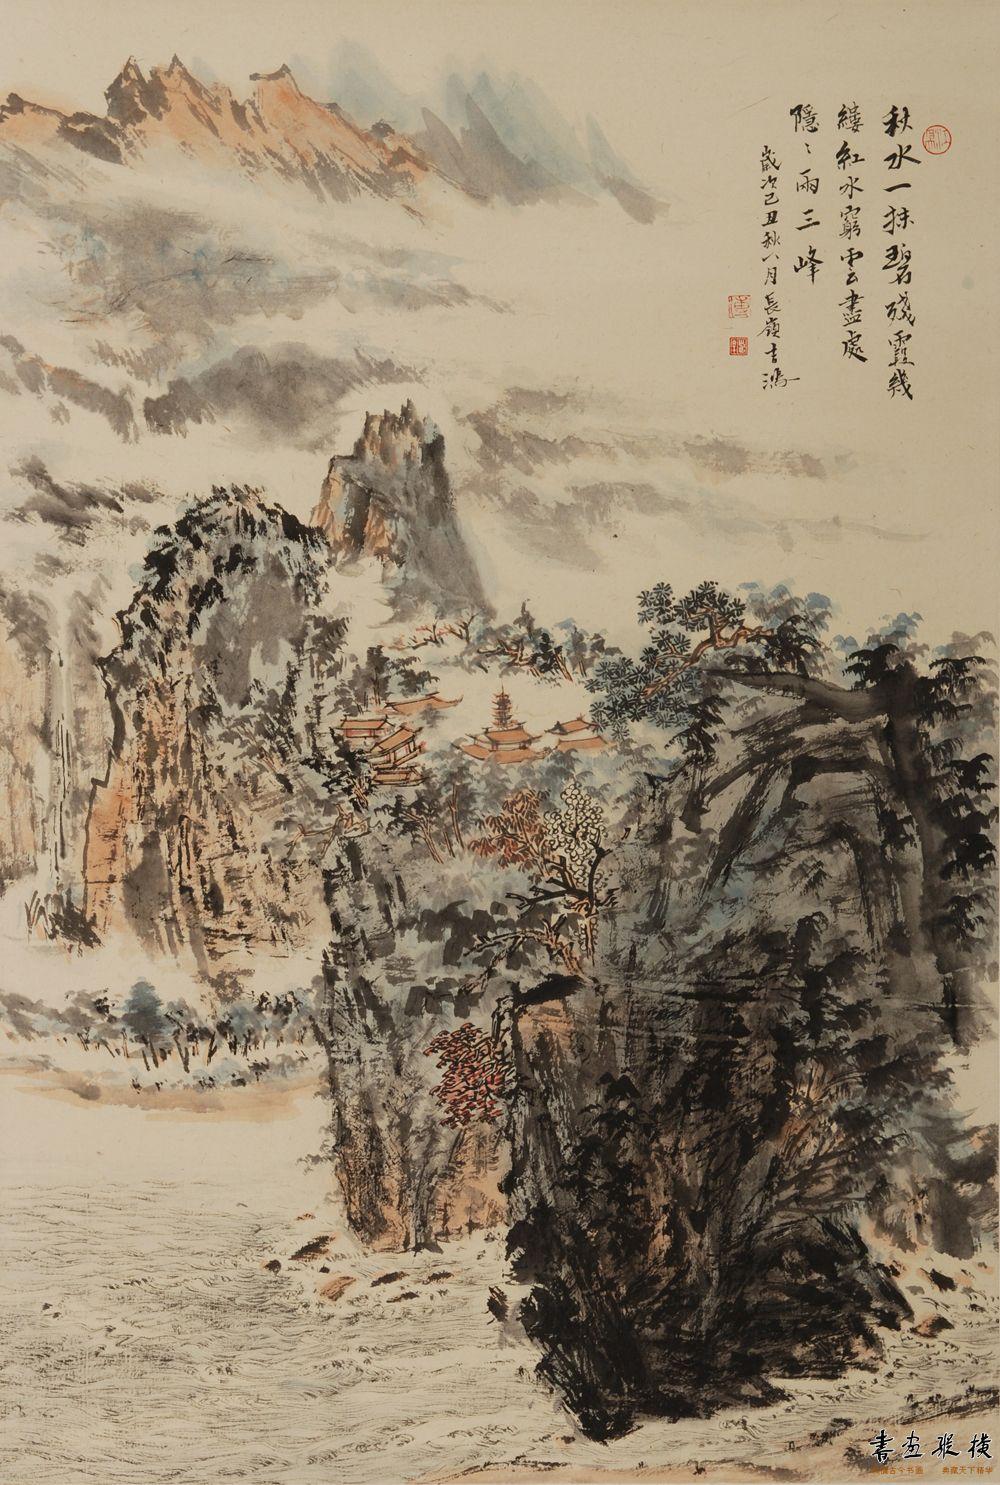 傅吉鸿 秋水残霞50×73cm 纸本水墨2009年